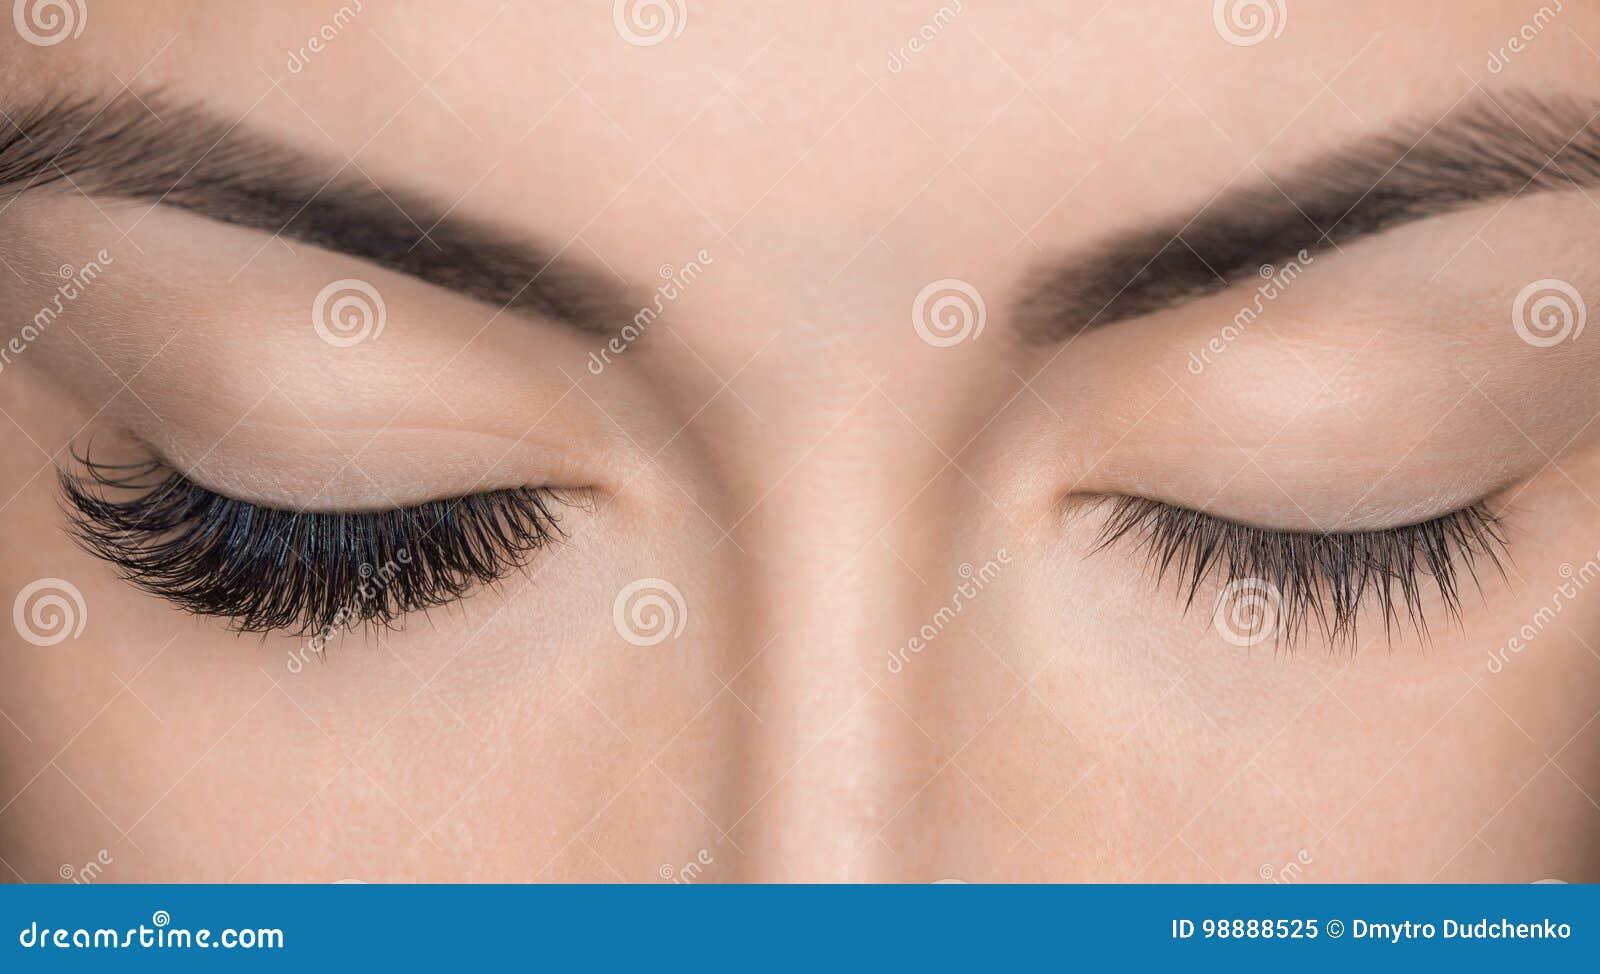 Στενός επάνω διαδικασίας αφαίρεσης Eyelash Όμορφη γυναίκα με τα μακροχρόνια μαστίγια σε ένα σαλόνι ομορφιάς